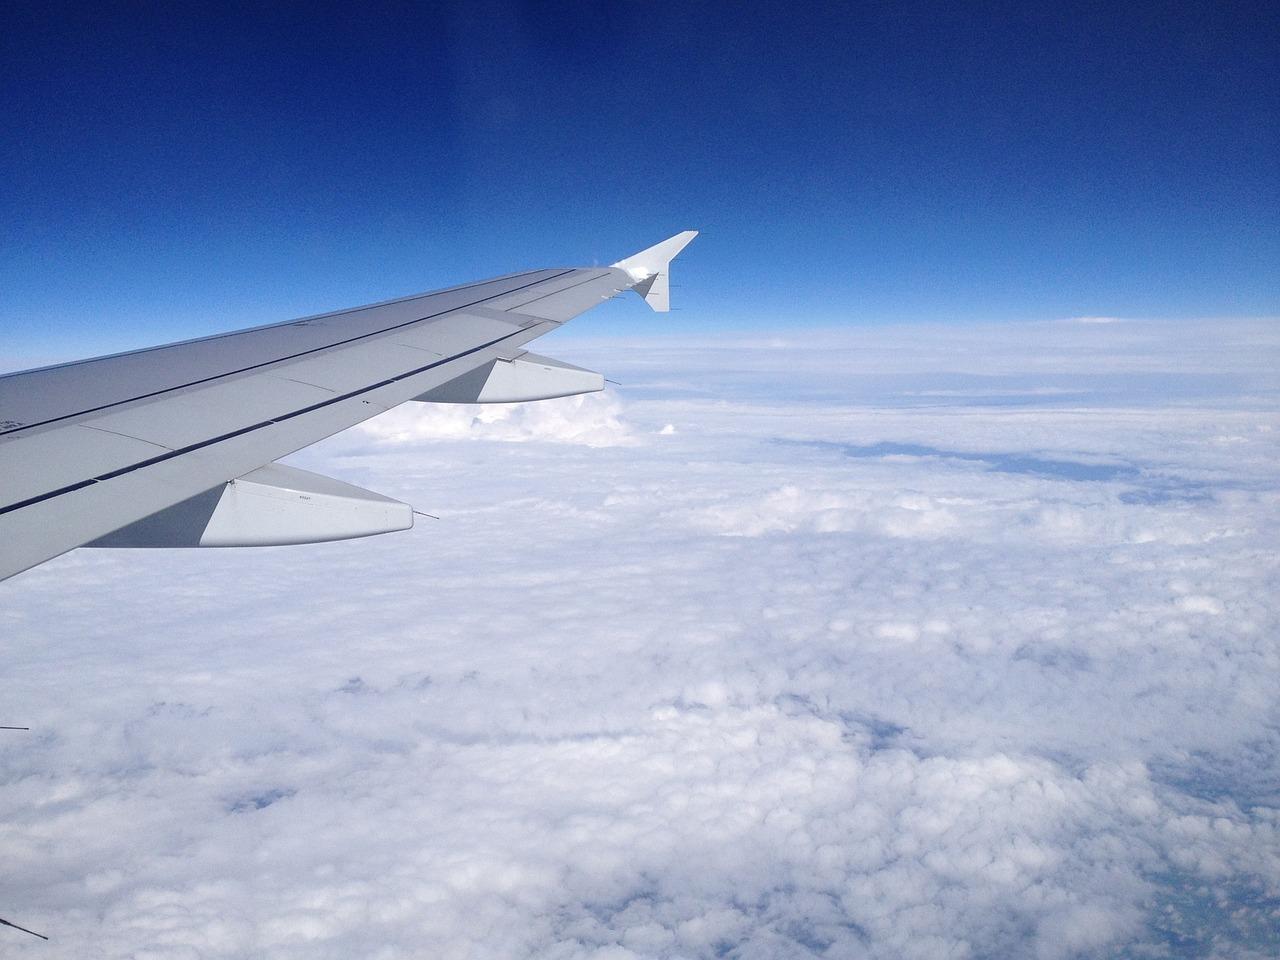 нужны картинки самолет в небе зимой ролики вашего